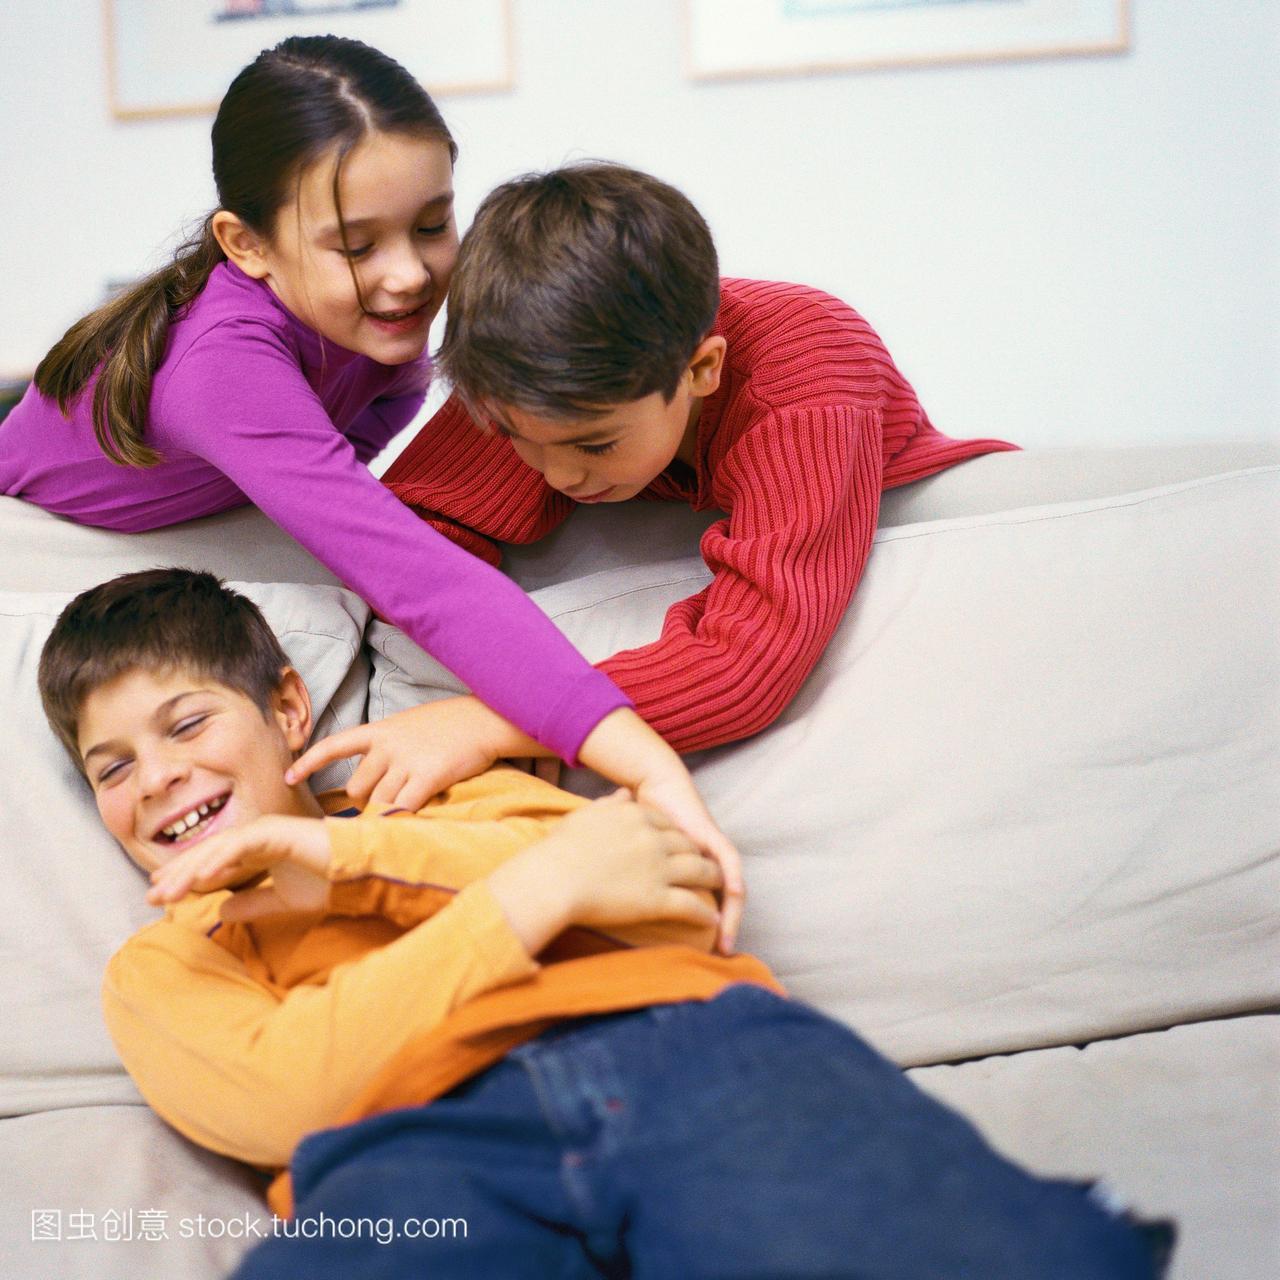 男孩和沙发倚在女孩上,在照片上挠第二个沙发女生污男孩图片